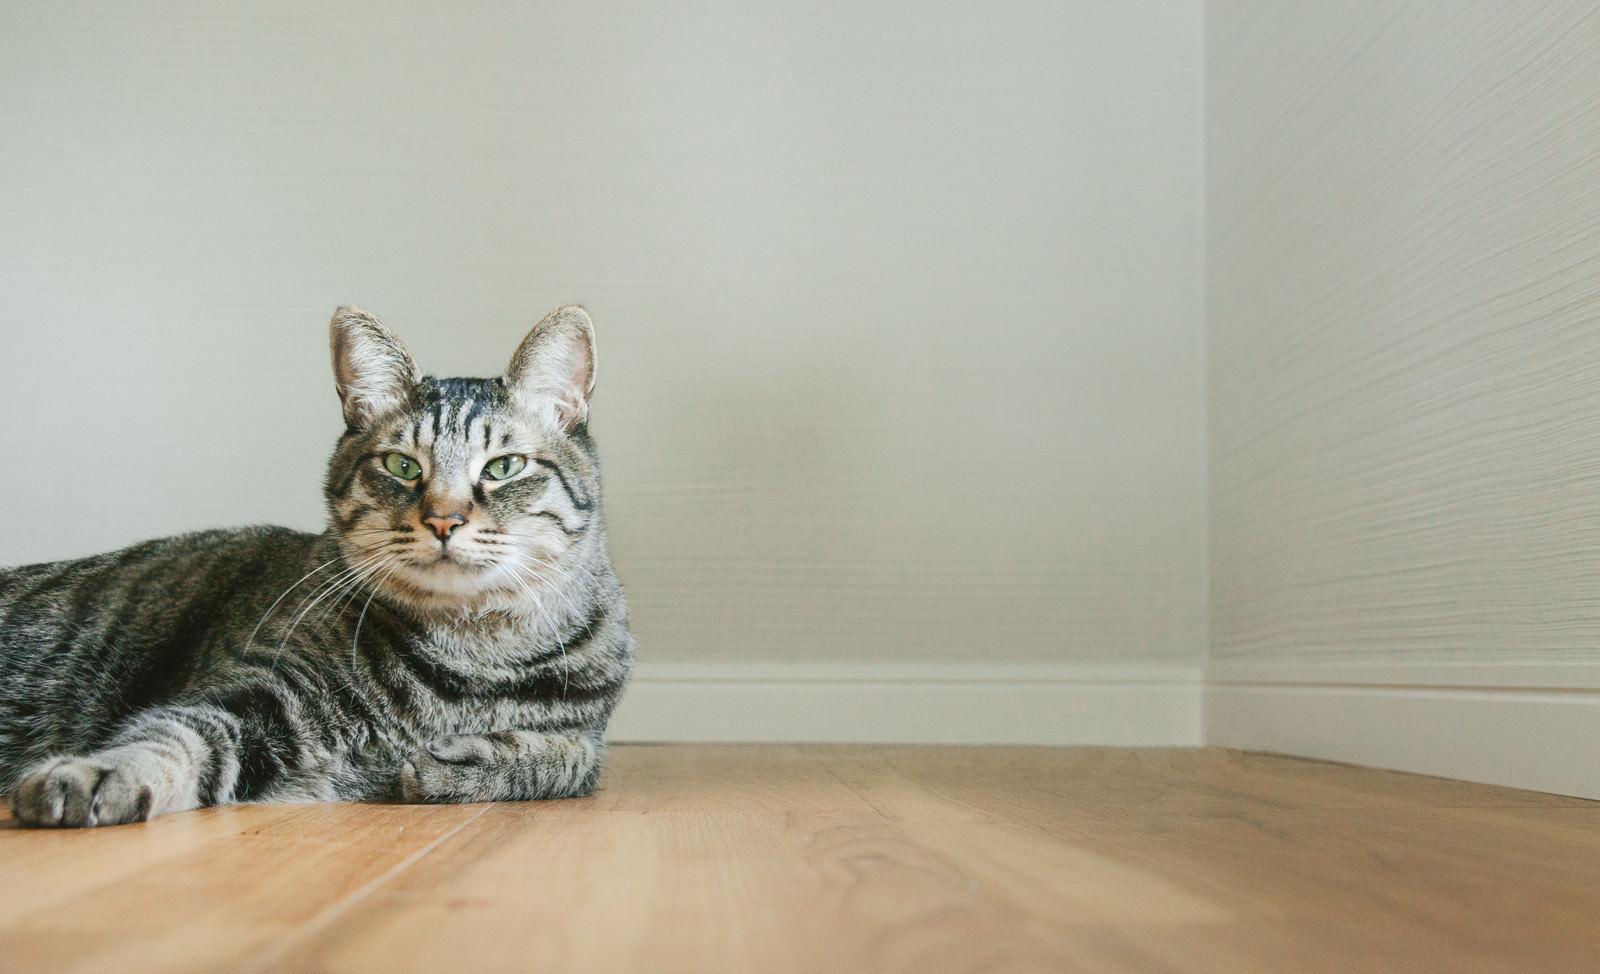 「猫だけど質問ある?猫だけど質問ある?」のフリー写真素材を拡大